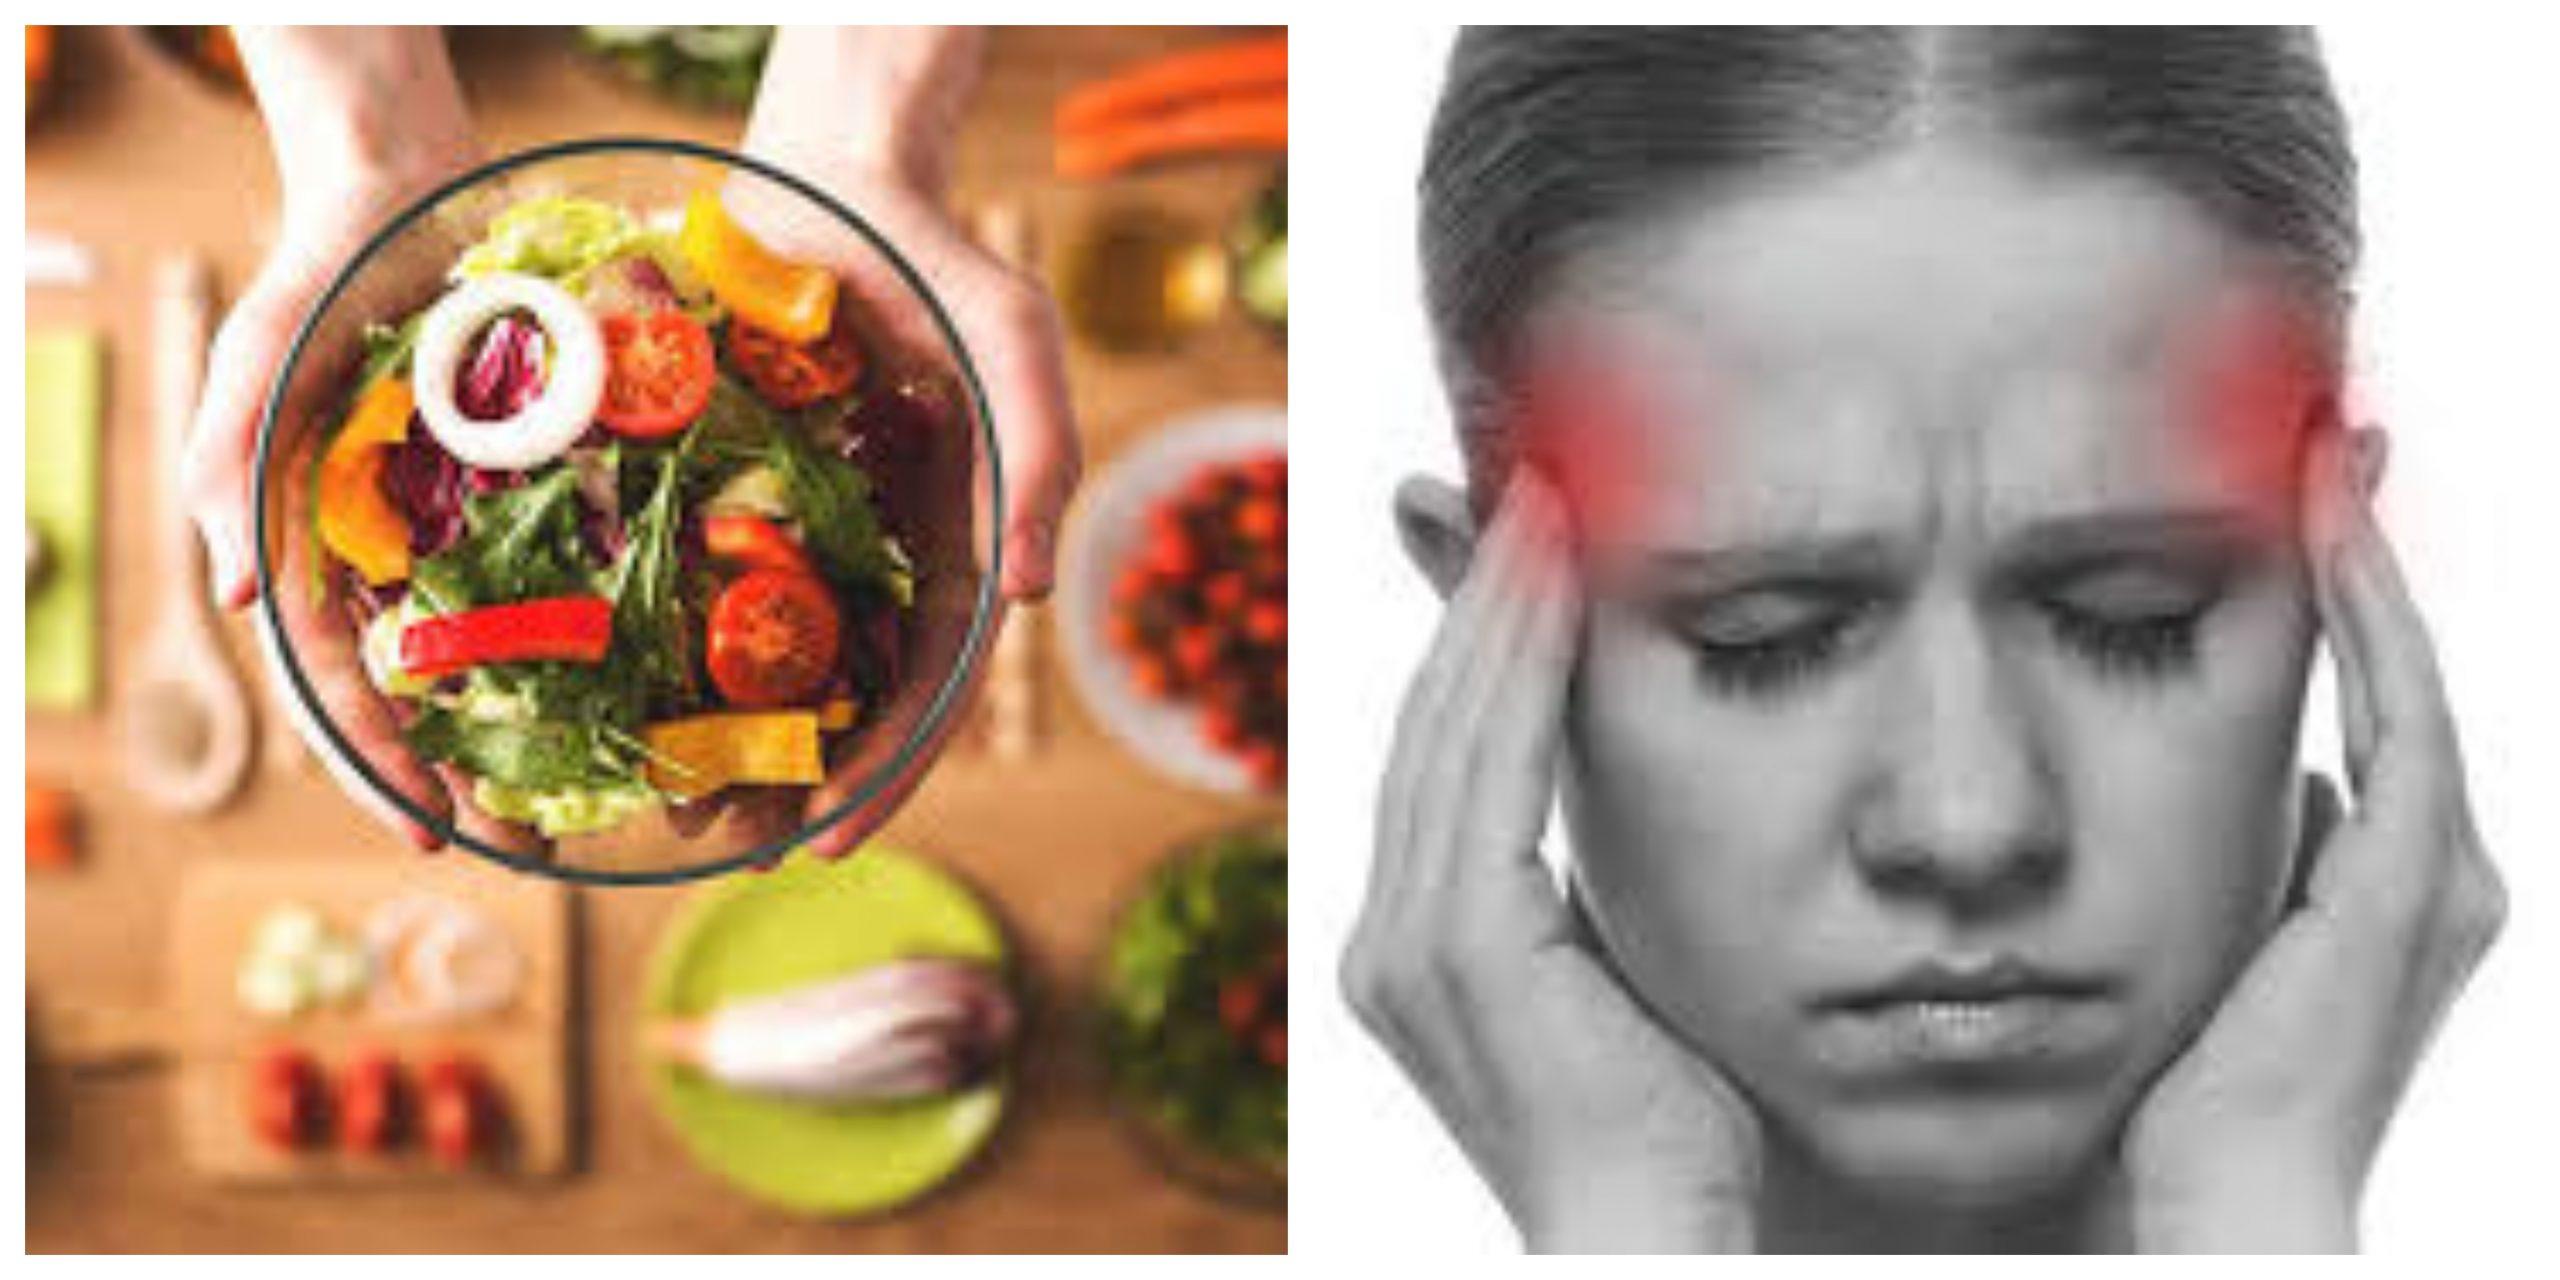 5 وصفات سحرية تساعد على التخلص من الصداع بسرعة مدهشة